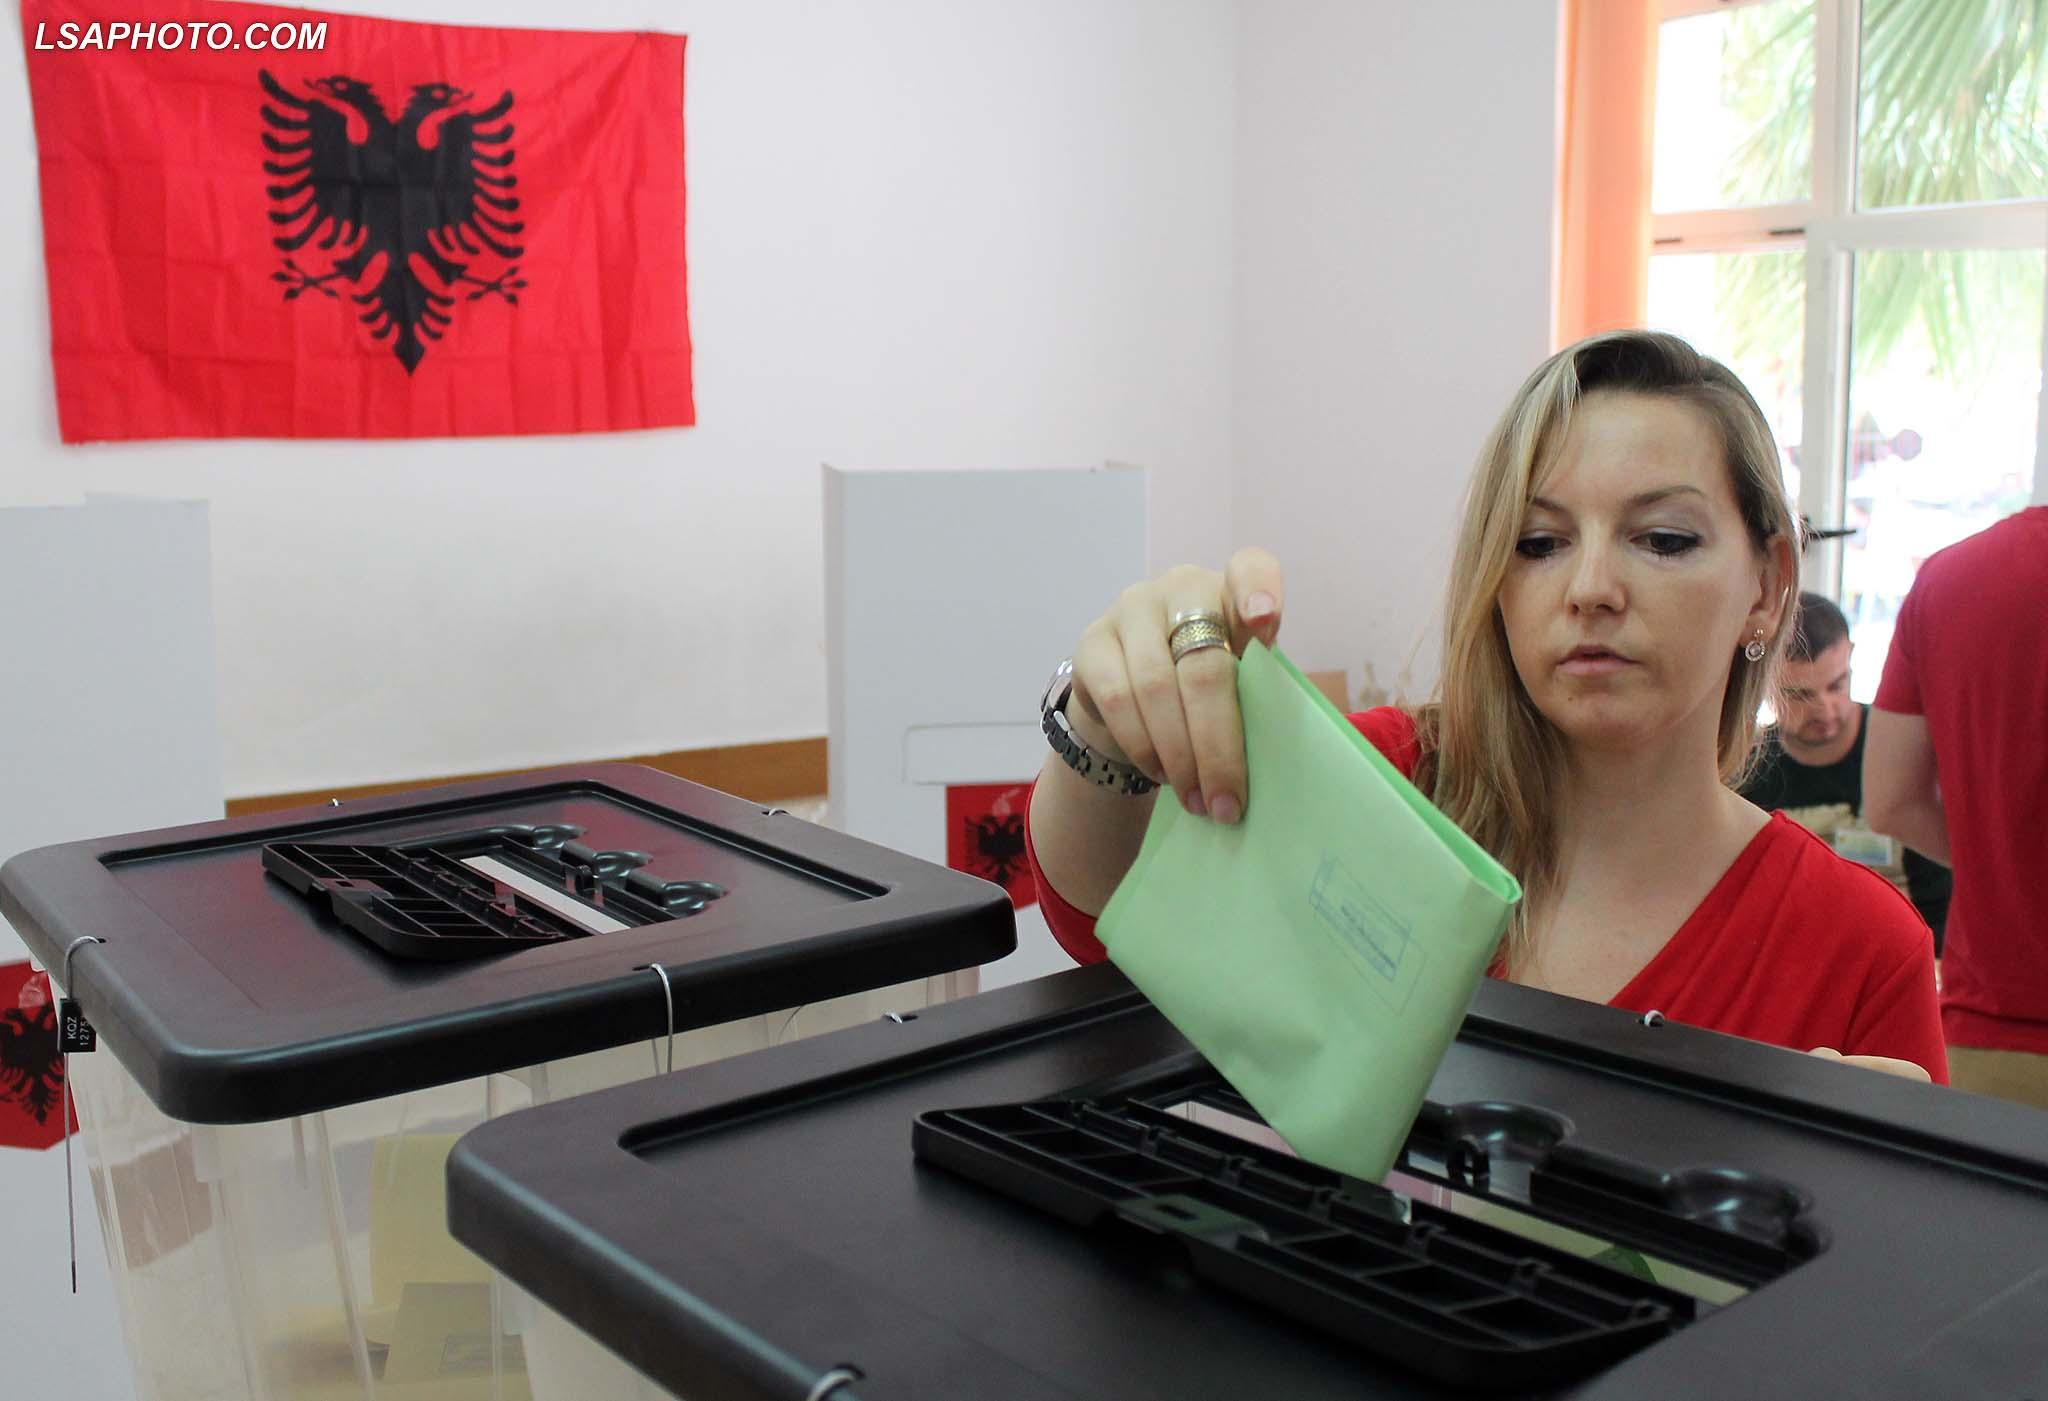 Ξεκινούν οι προετοιμασίες για τις τοπικές εκλογές στην Αλβανία παρά το πολιτικό αδιέξοδο